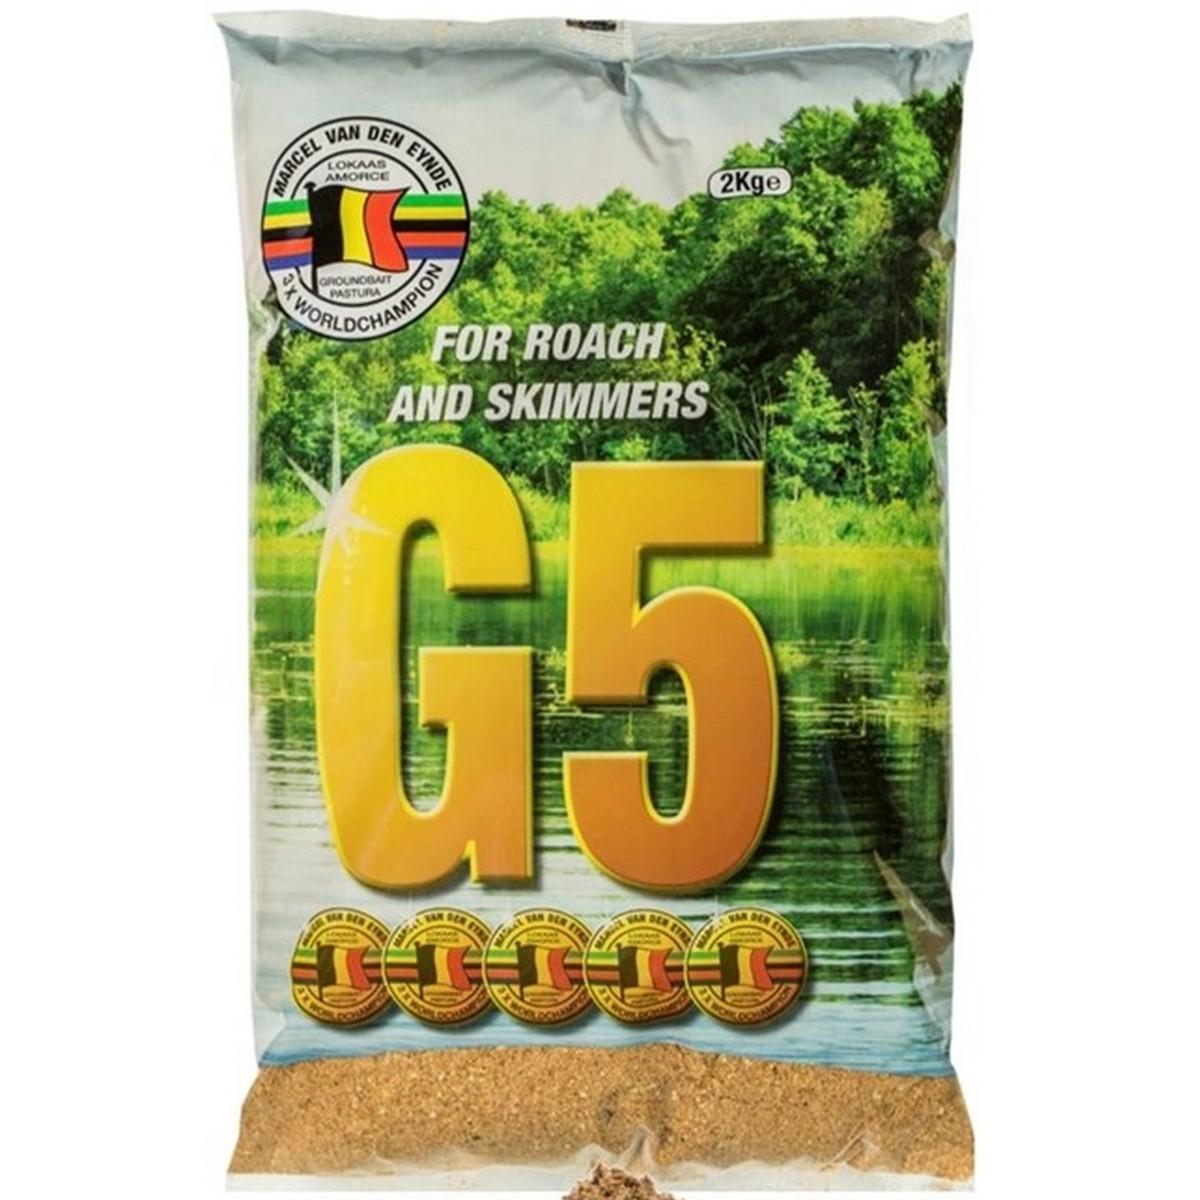 Захранка за риболов G5 Scotthorn 2kg - Van Den Eynde